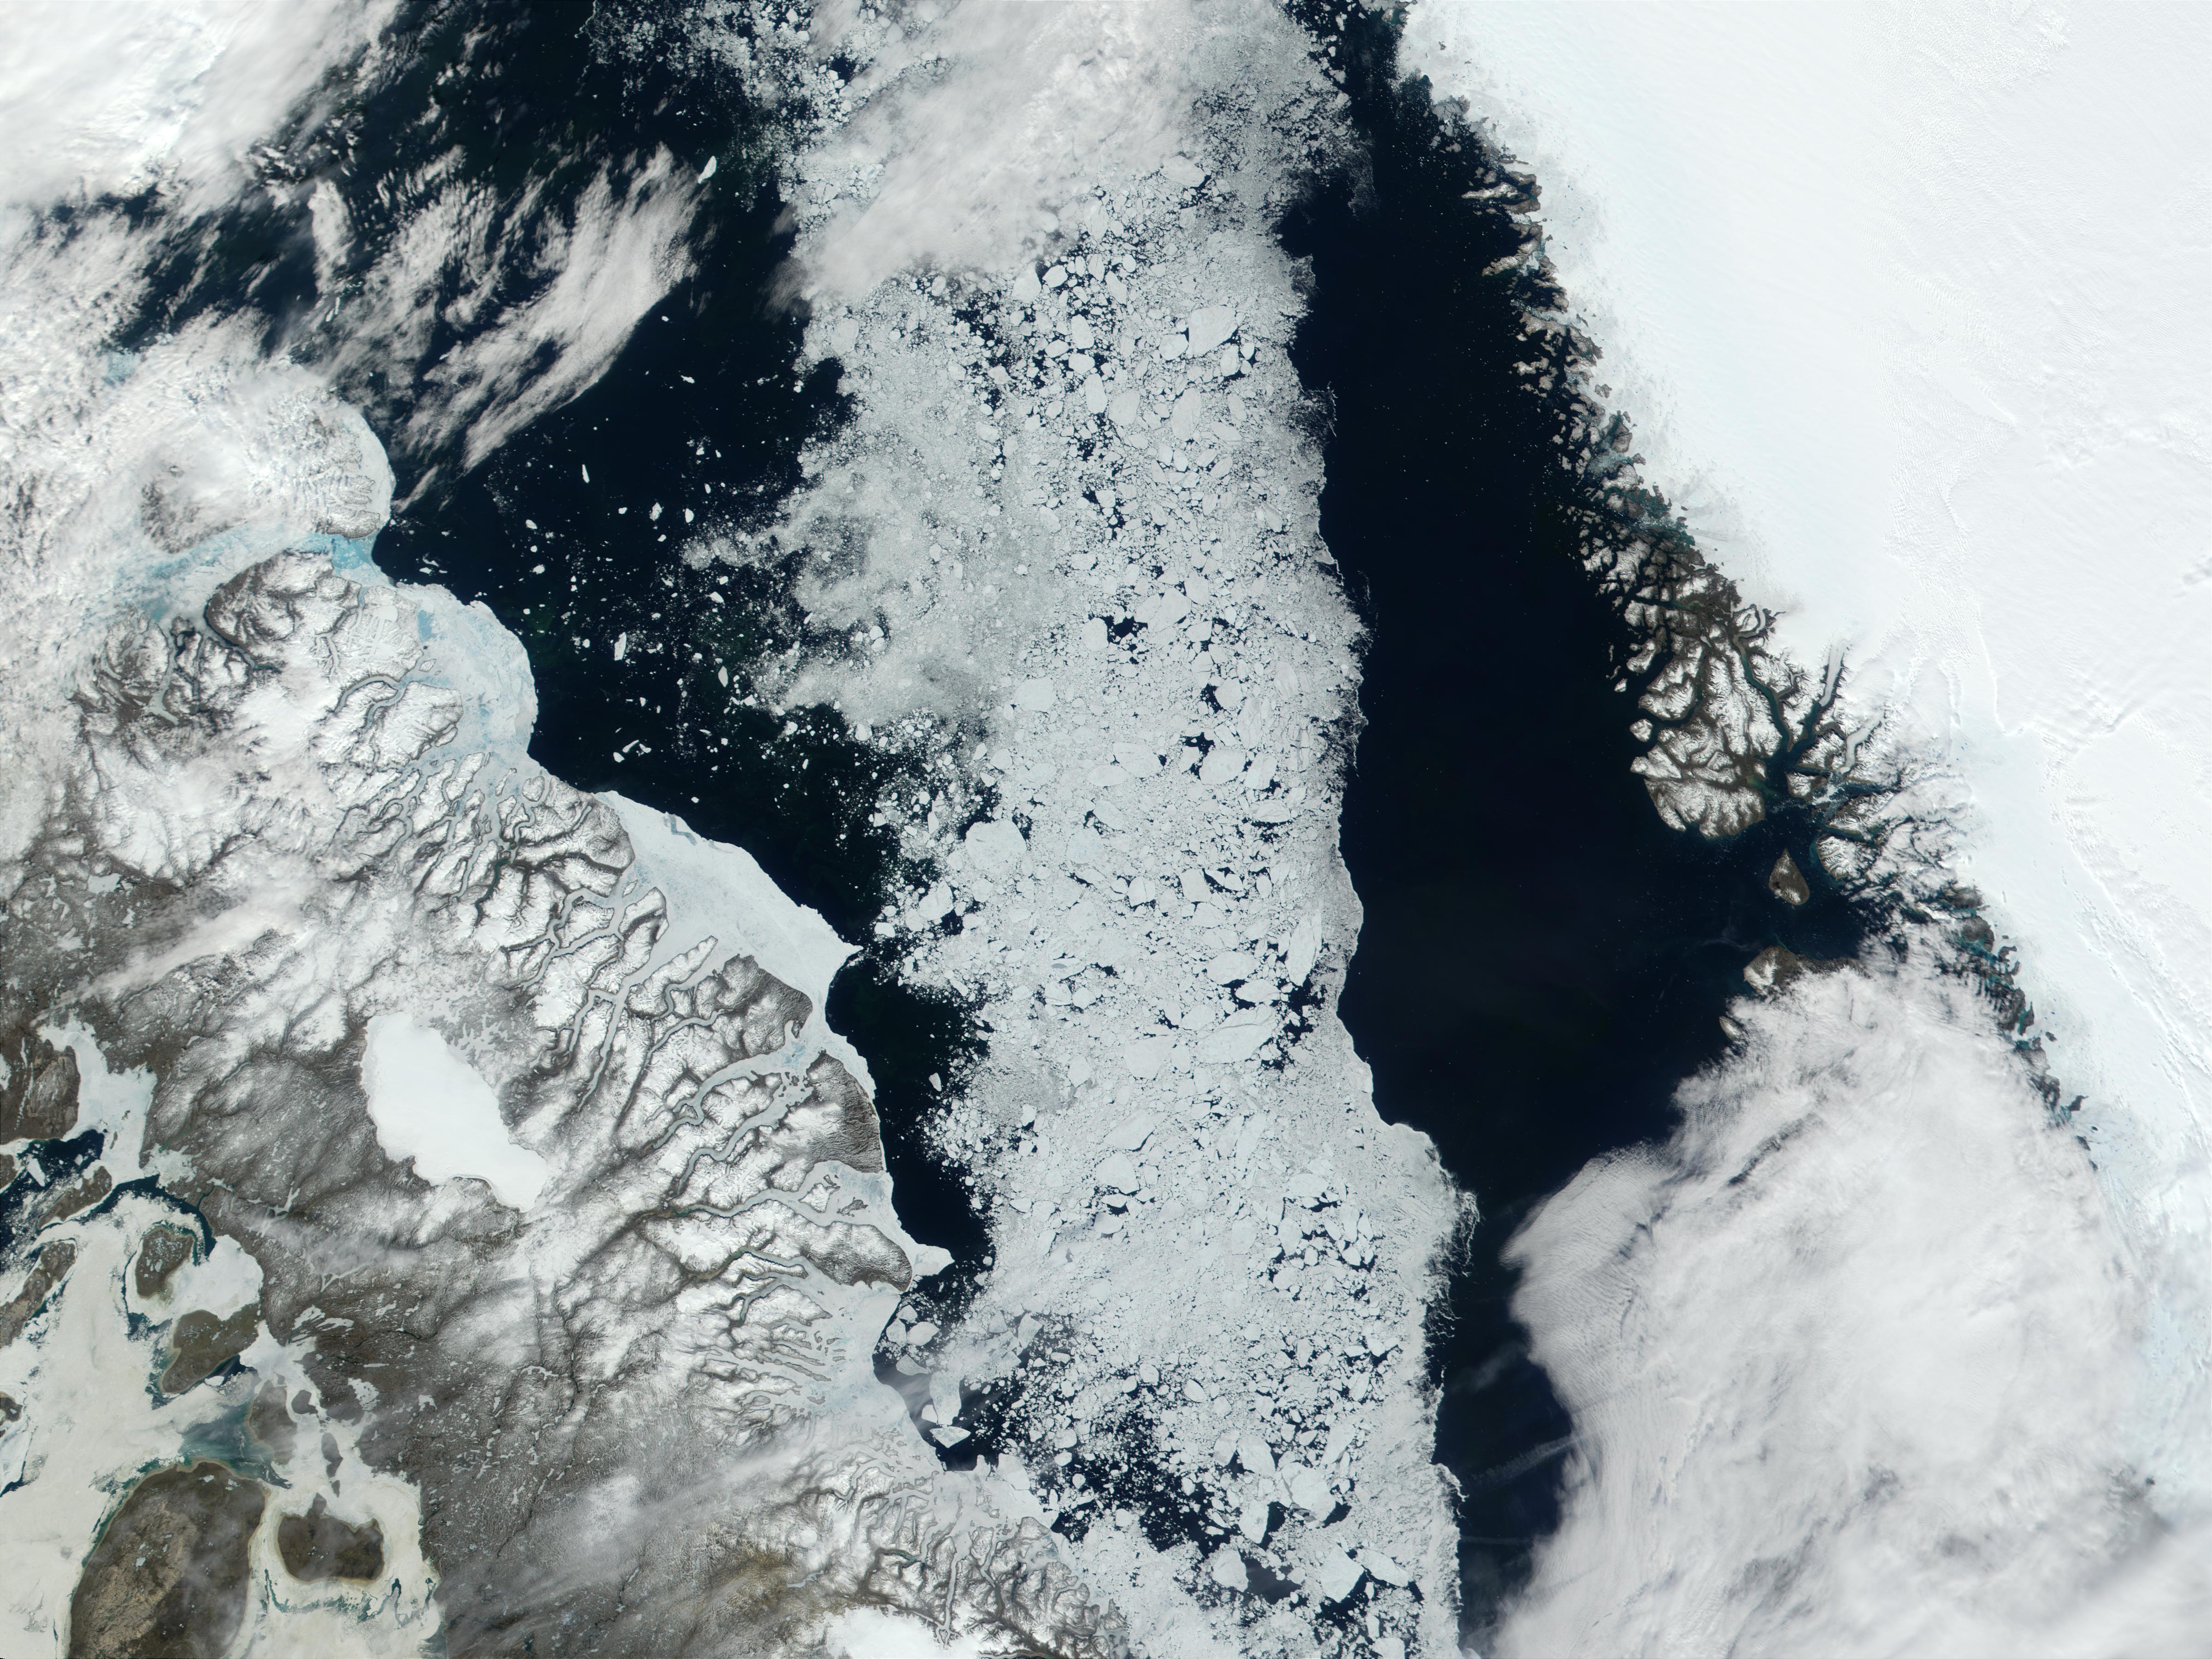 Baffin Bay, Northern Canada